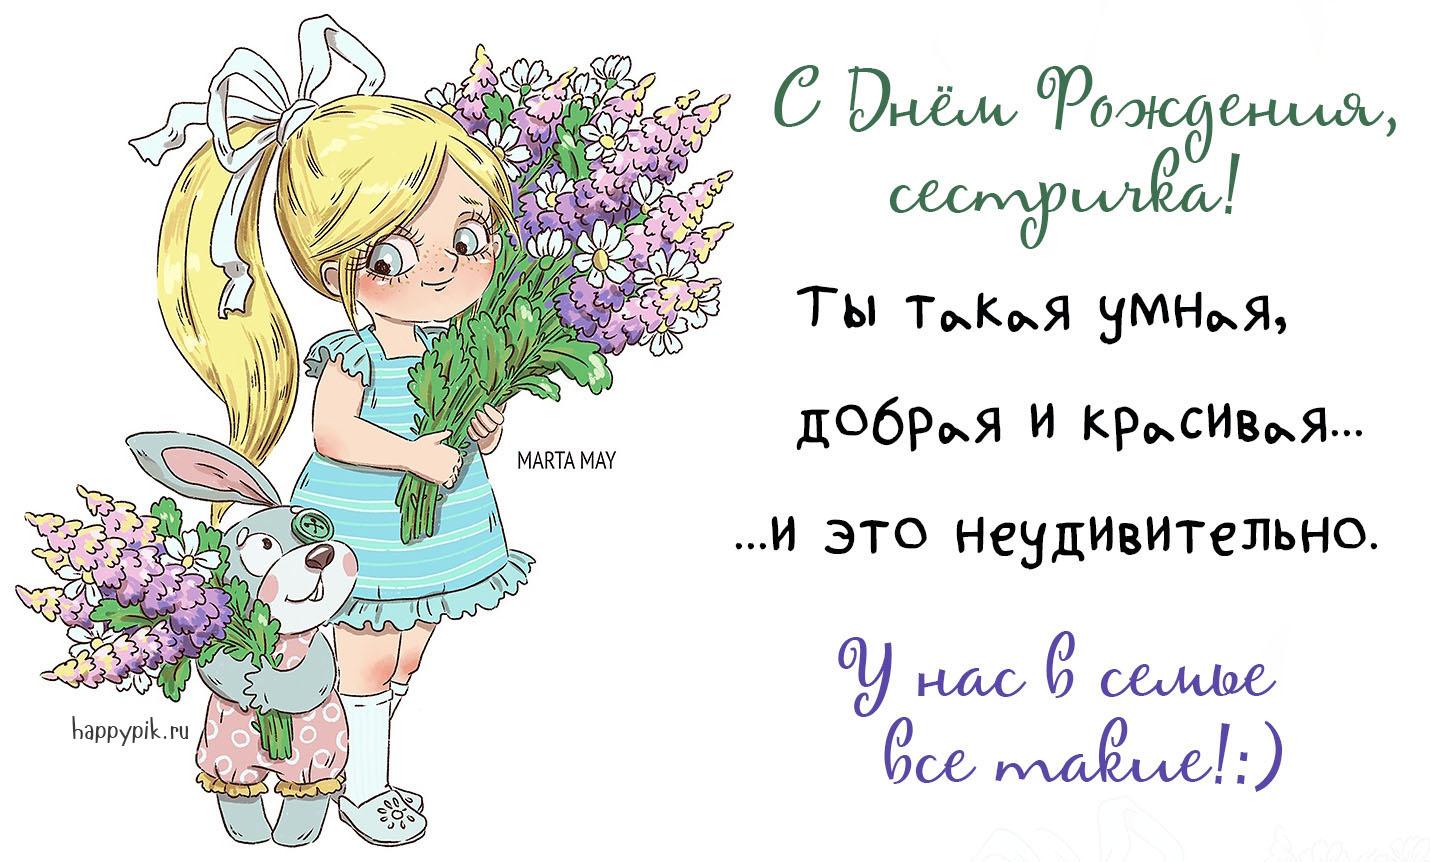 С Днём рождения для сестры